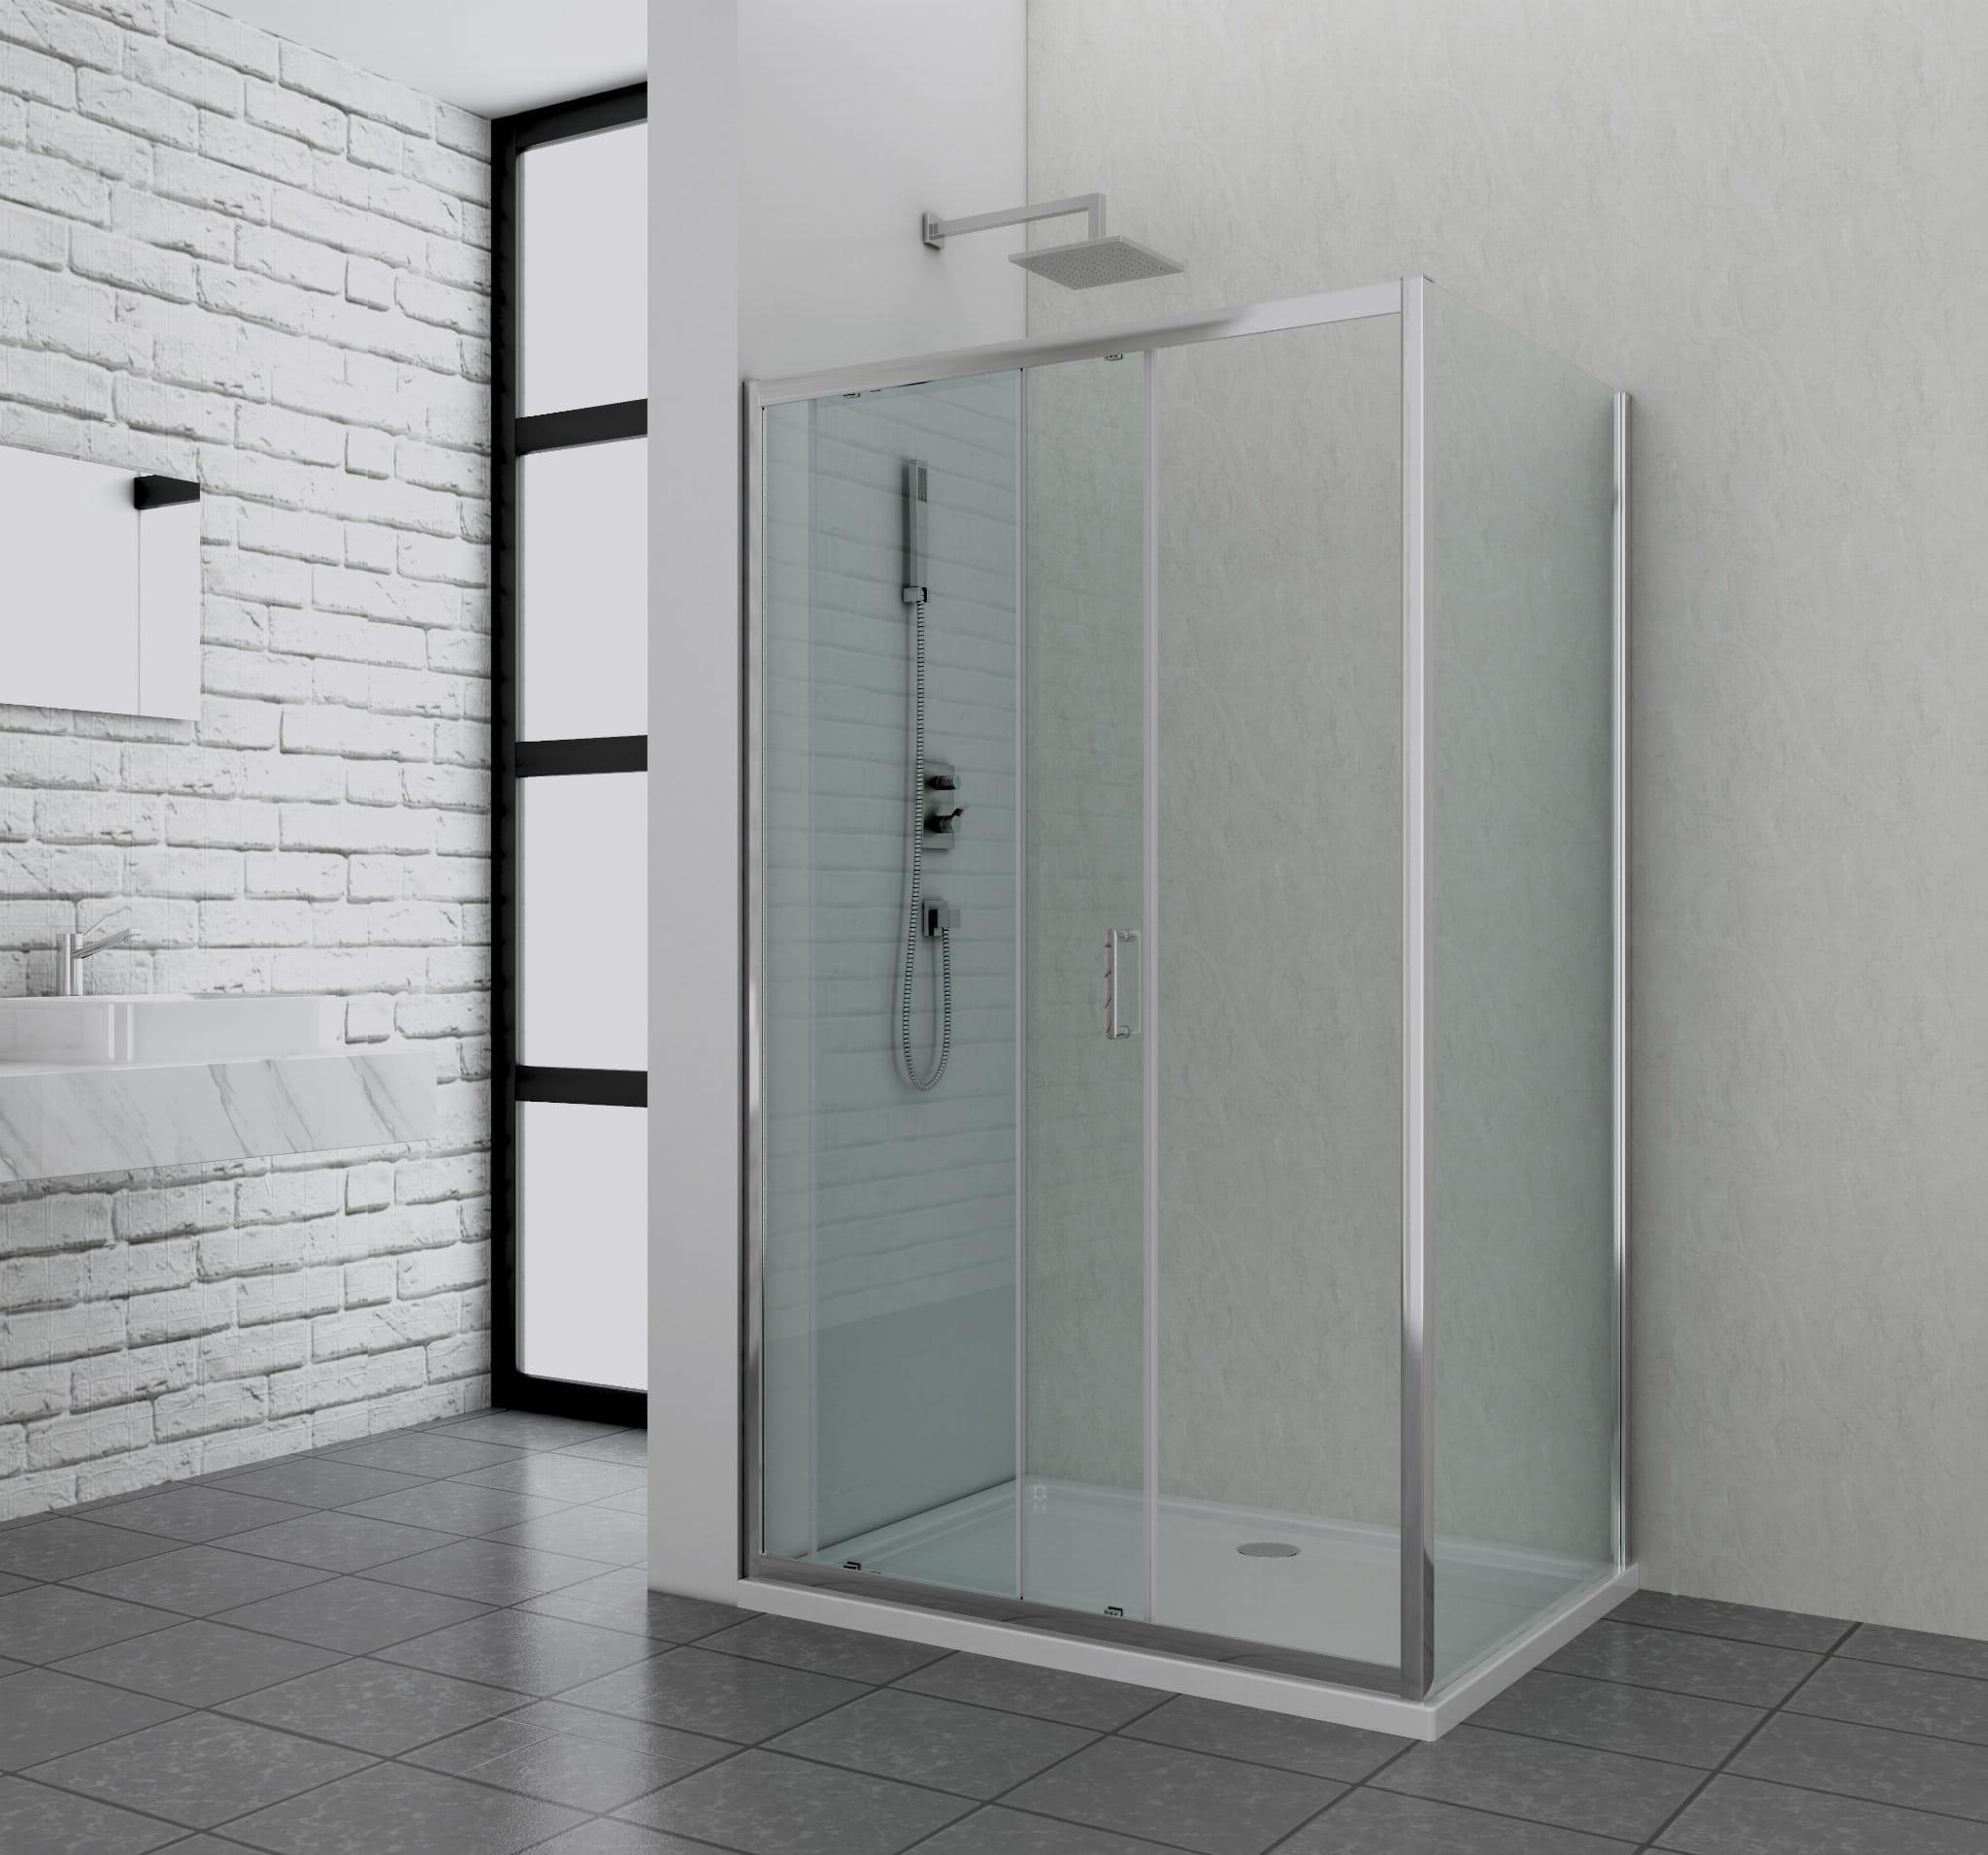 Sanotechnik - ELITE CHROME - Sprchová kút, posuvné dvere 120 x 80 x 195 cm